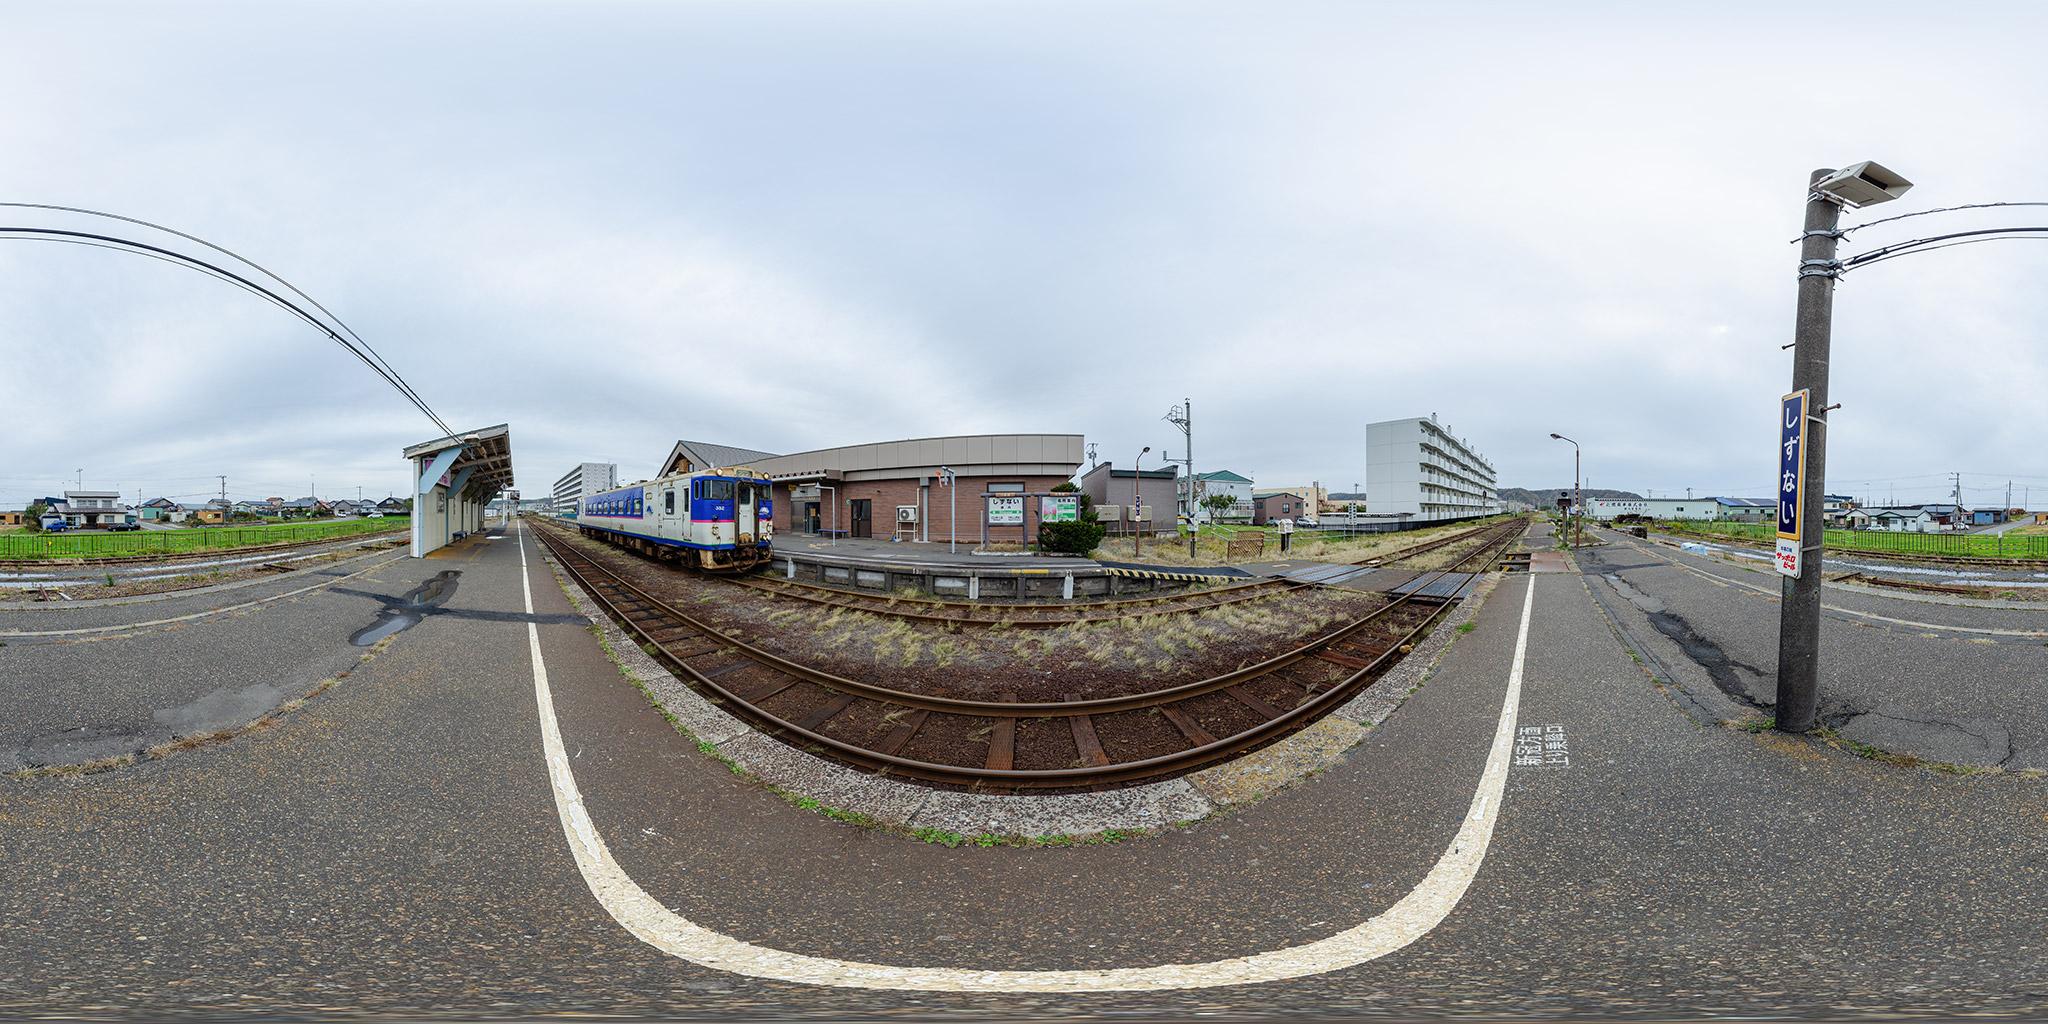 日高本線静内駅にてキハ40 352